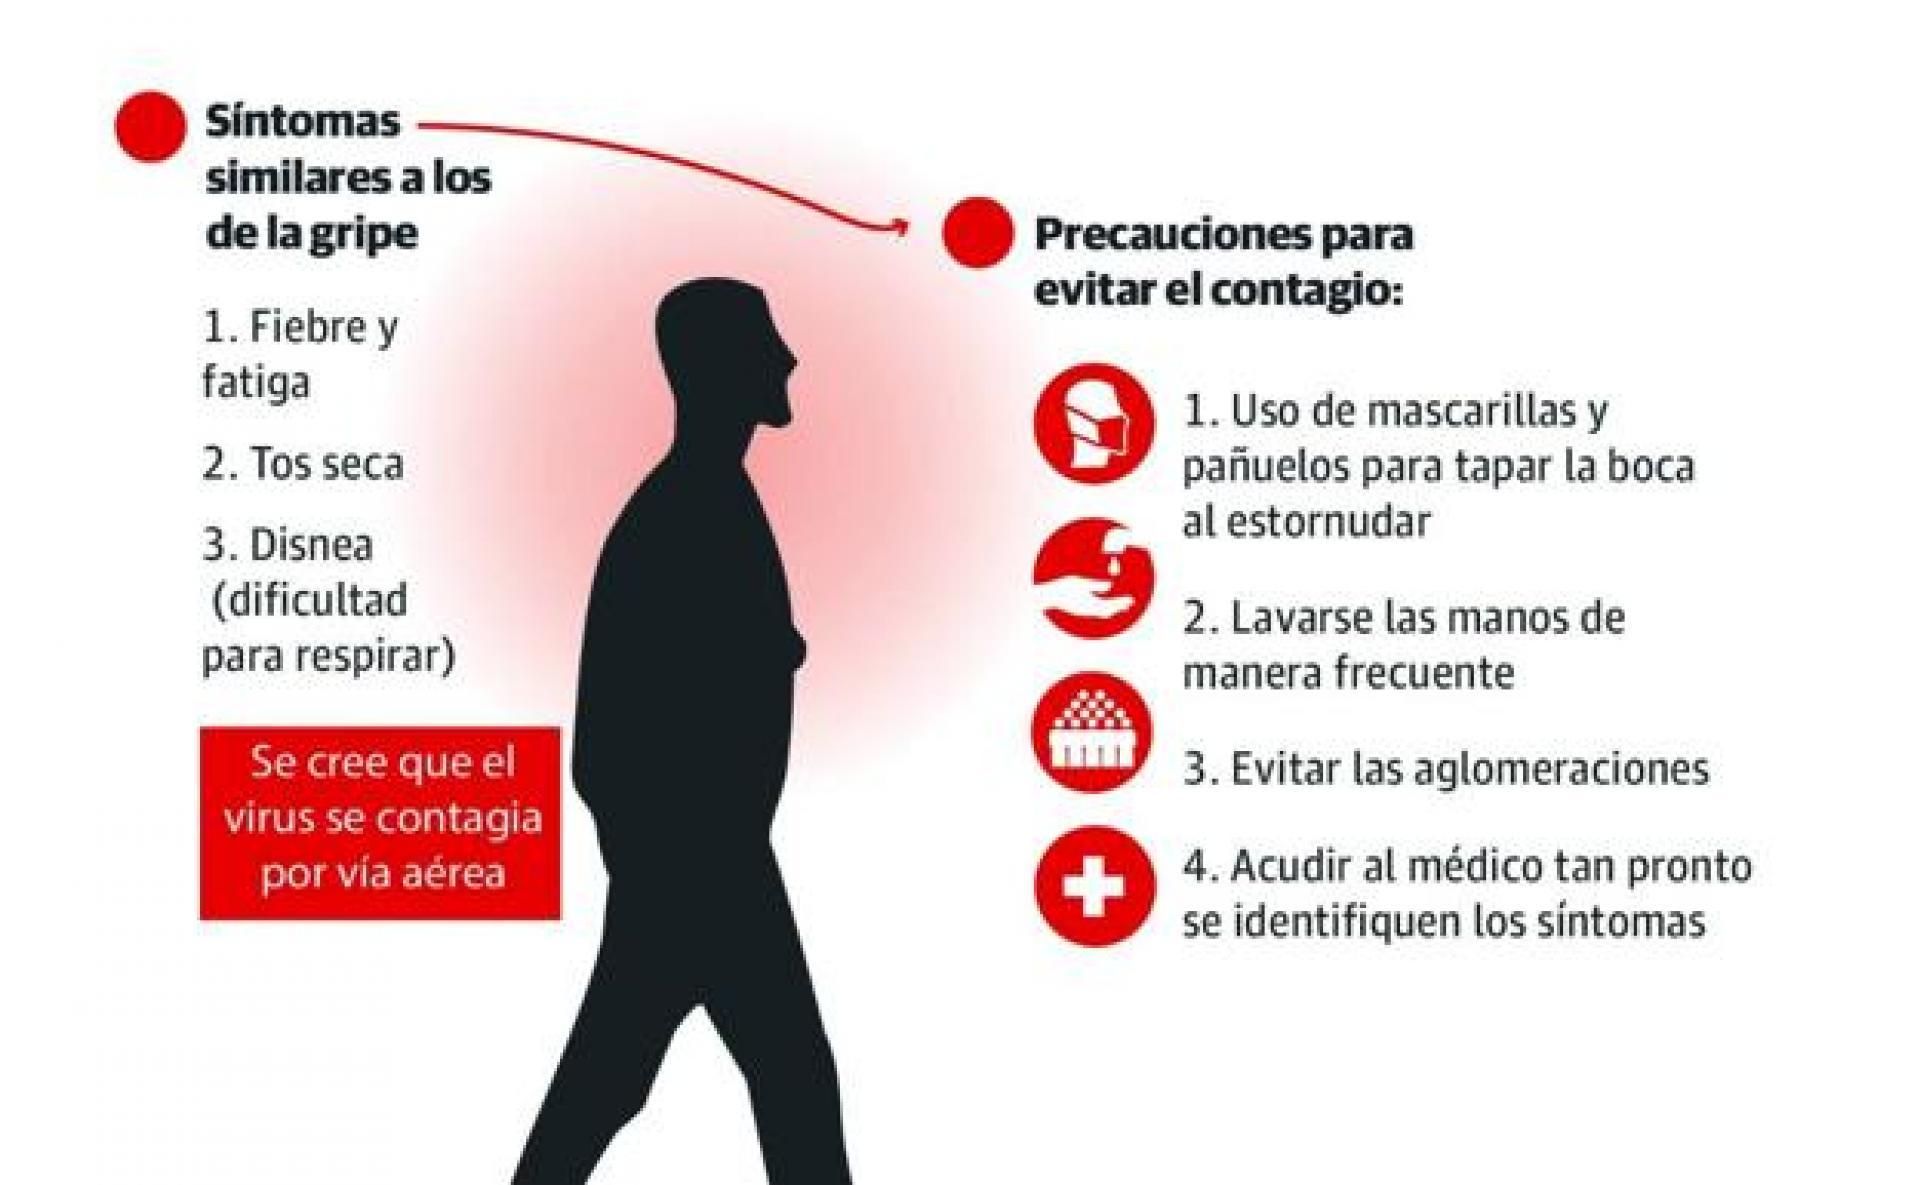 Síntomas y precauciones del COVID - 19